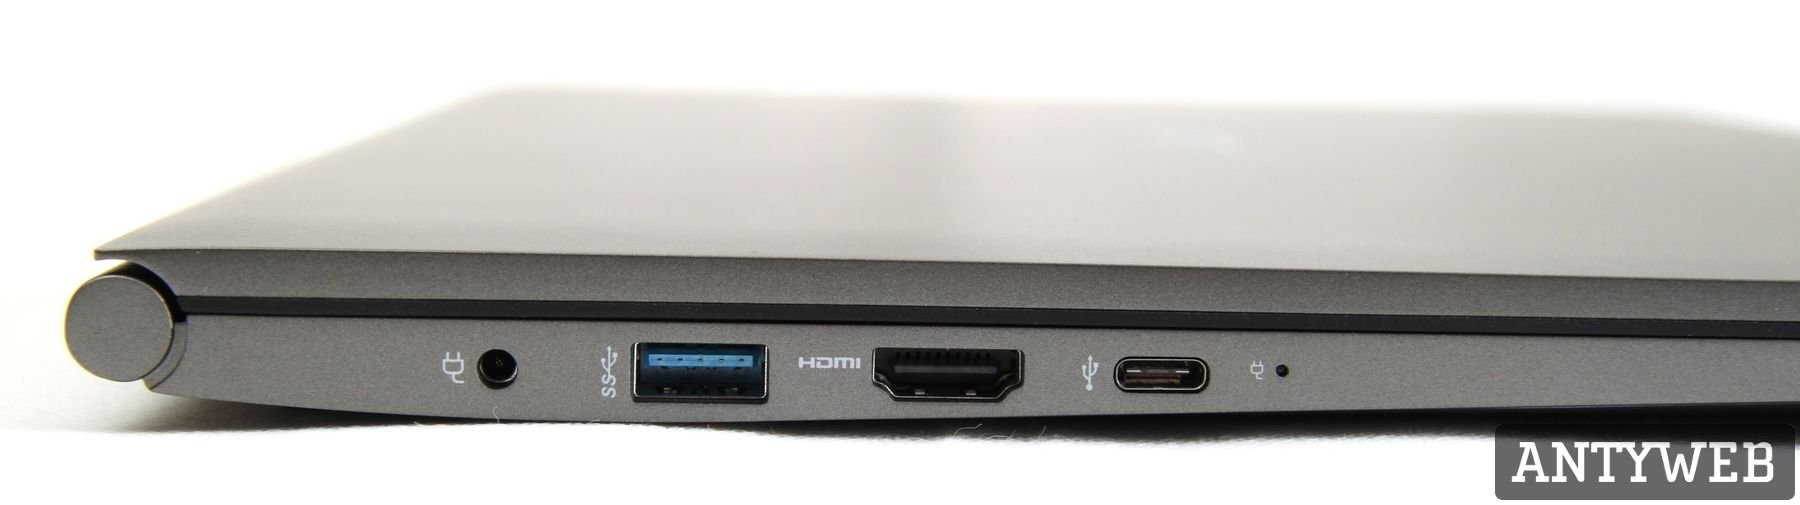 LG Gram - laptop po mocnej kuracji odchudzającej